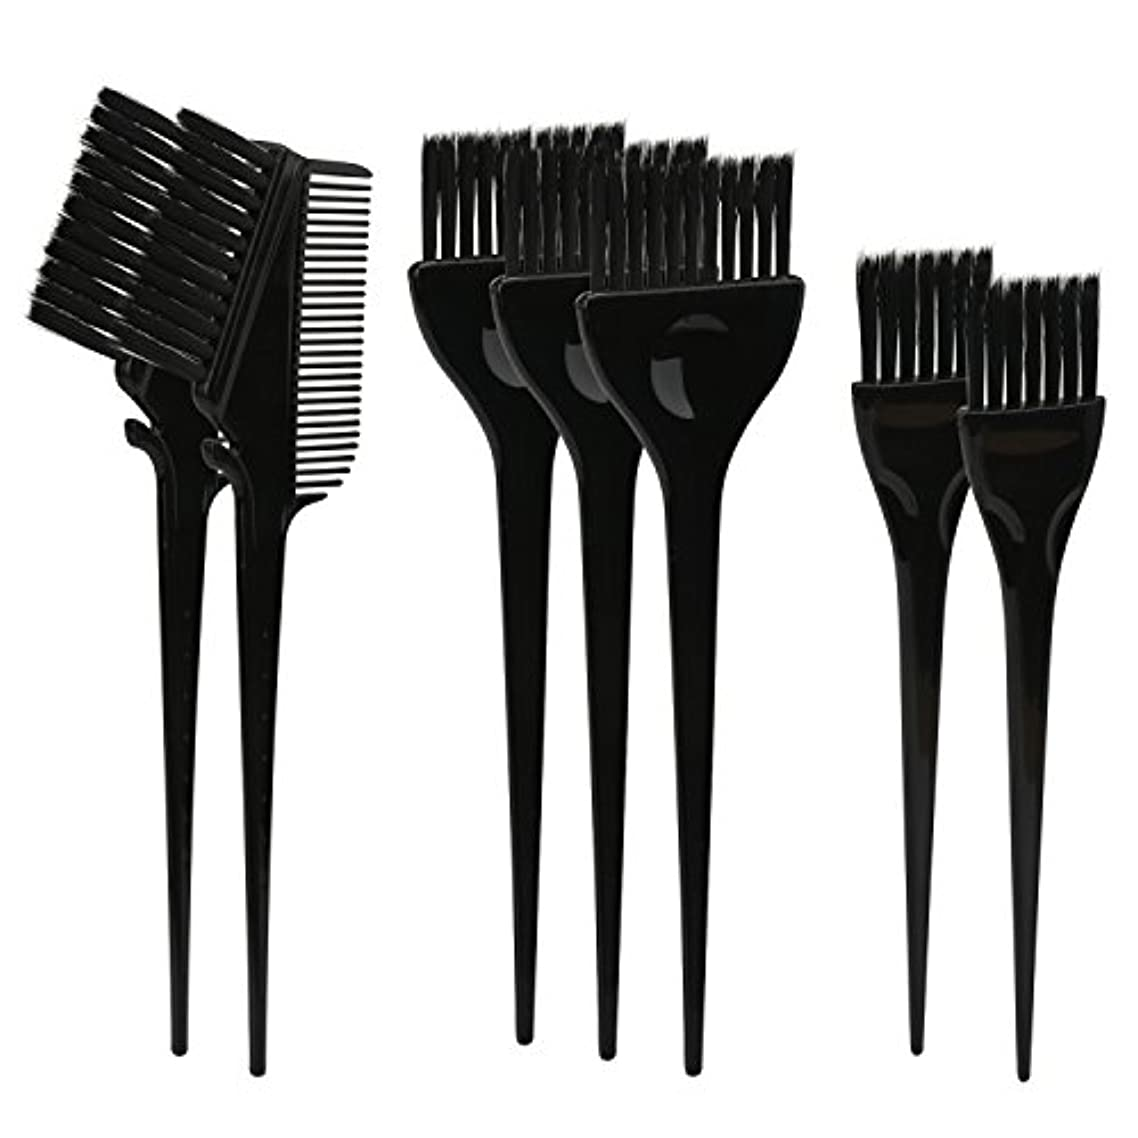 トライアスロン胴体除去Segbeauty ヘアカラー DIY プロ髪染め用のブラシ 7pcs 美髪師用 サロン工具セット